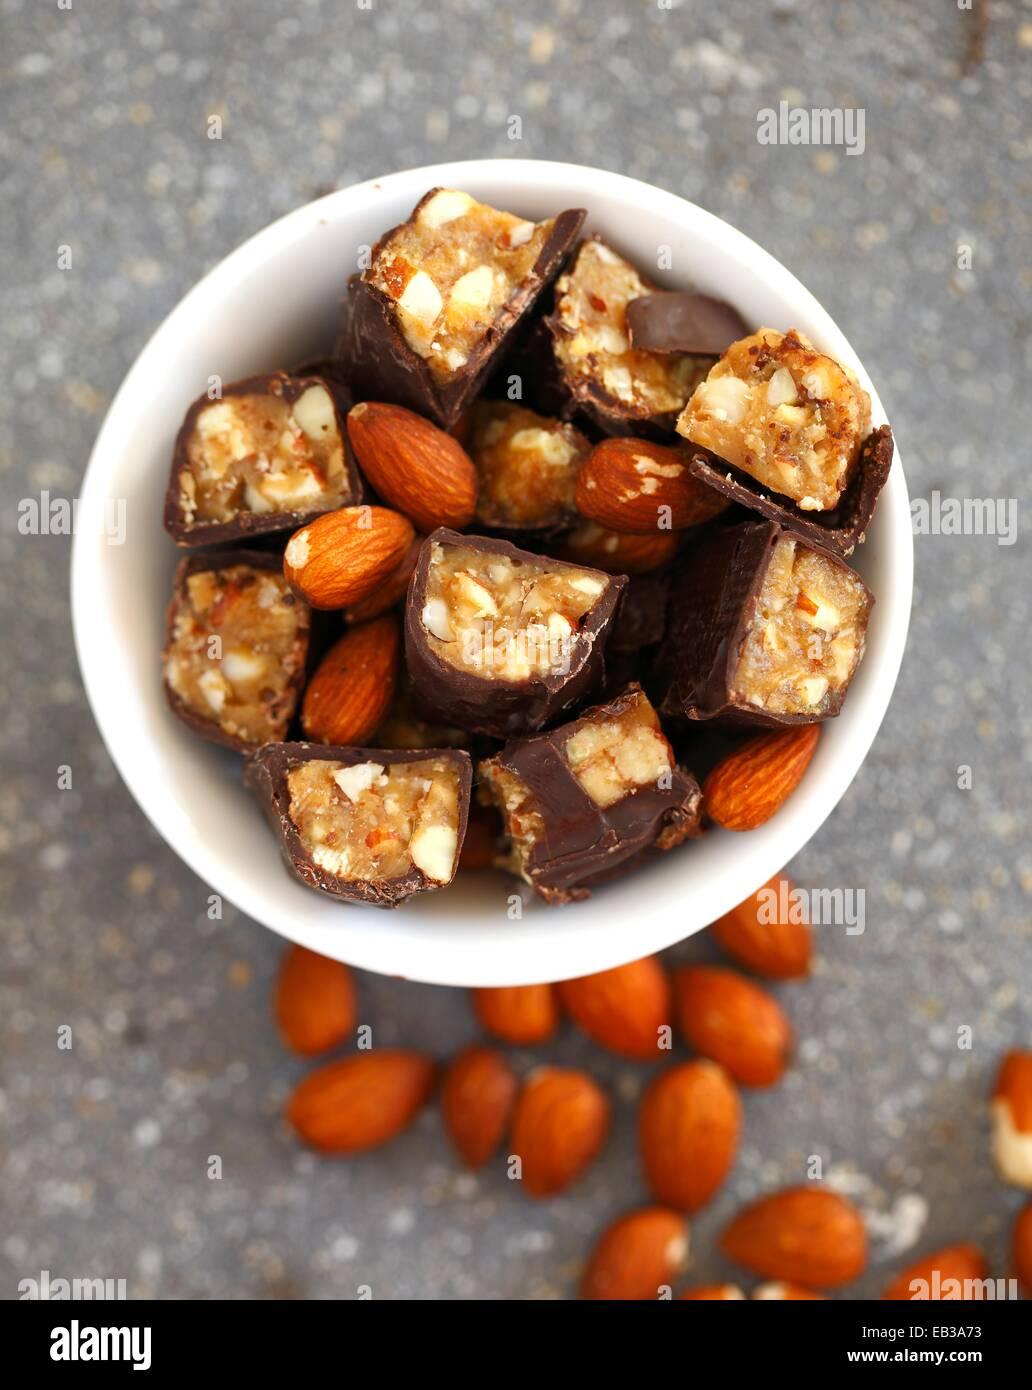 Barras de caramelo de chocolate cortado en trozos mezclado con almendras enteras en el tazón de porcelana blanca Imagen De Stock